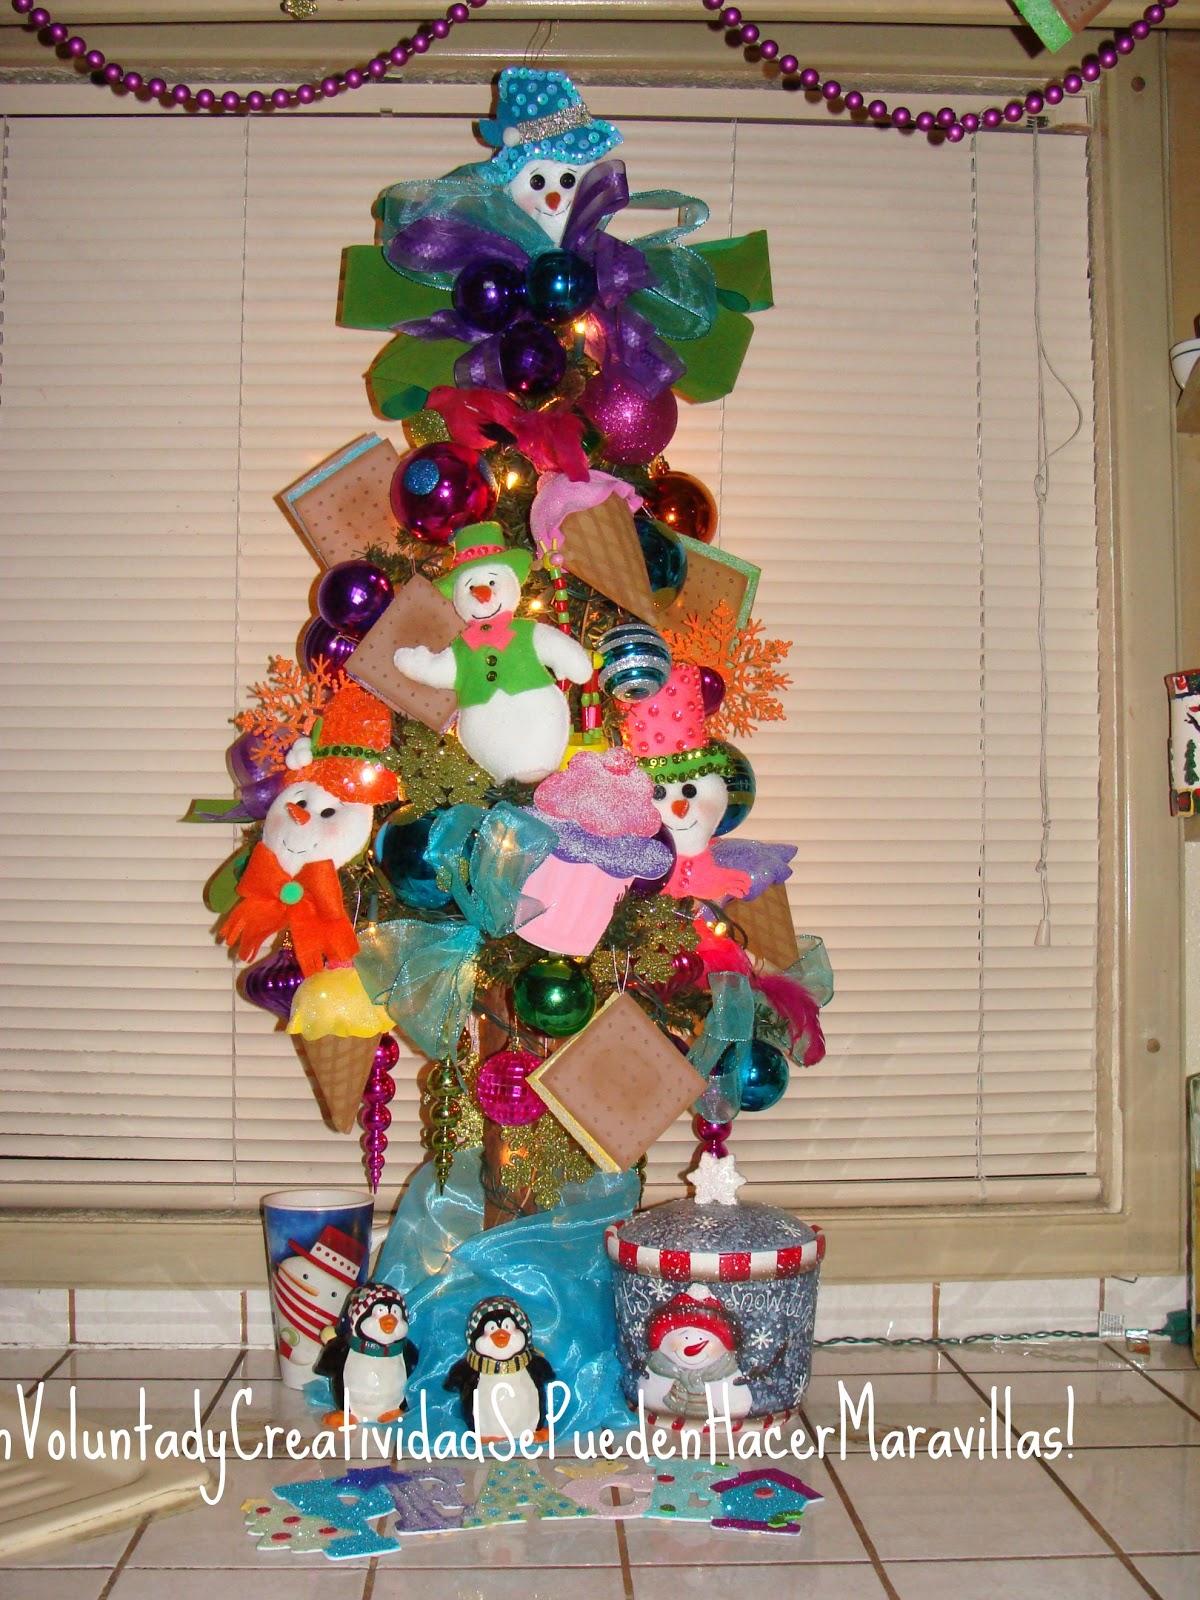 Con voluntad y creatividad se pueden hacer maravillas - Adorno arbol de navidad ...